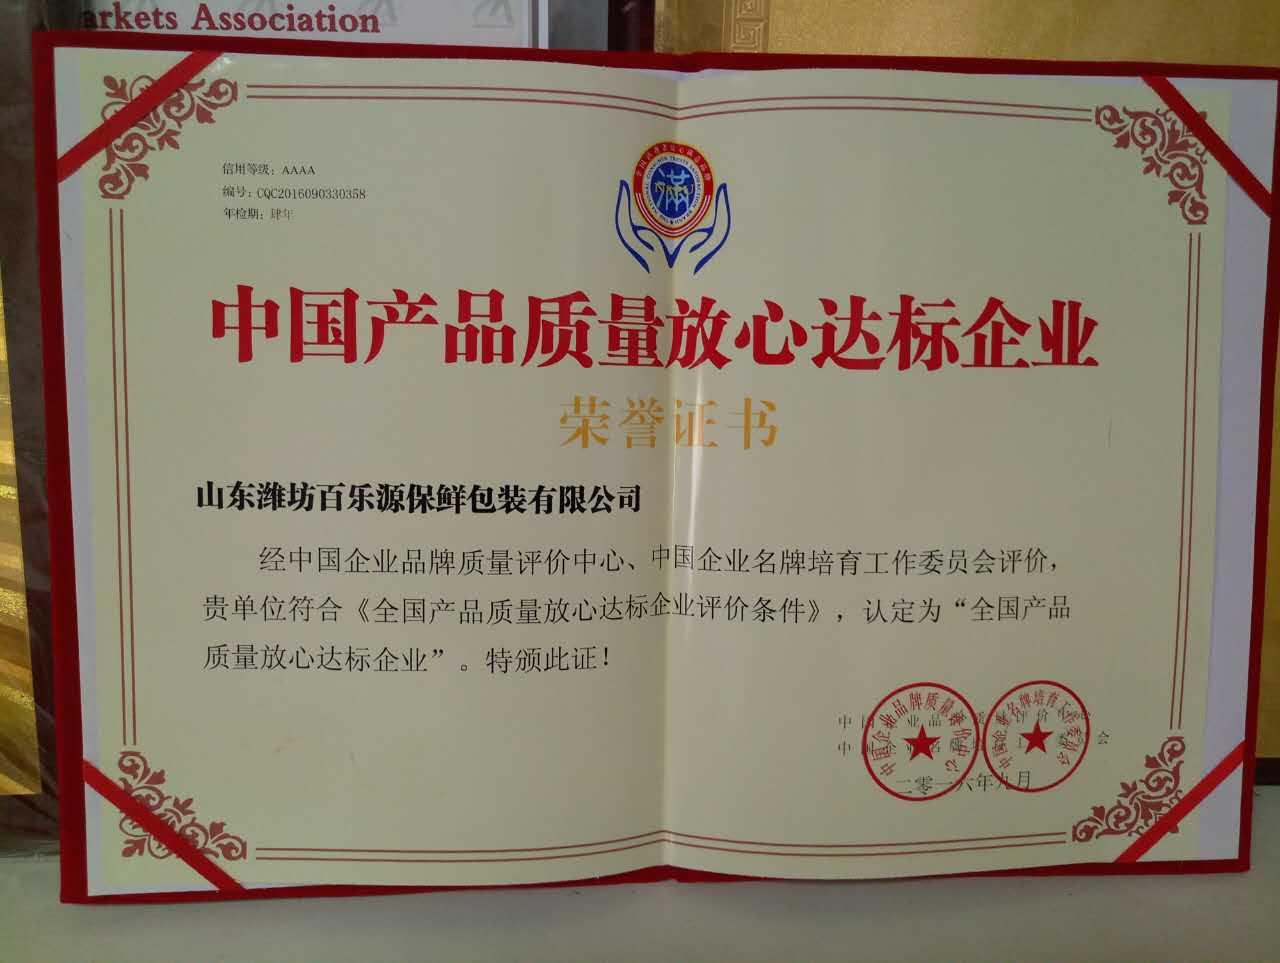 百乐源荣获中国产品质量放心达标企业,将继续与保鲜事业共成长!(图文)